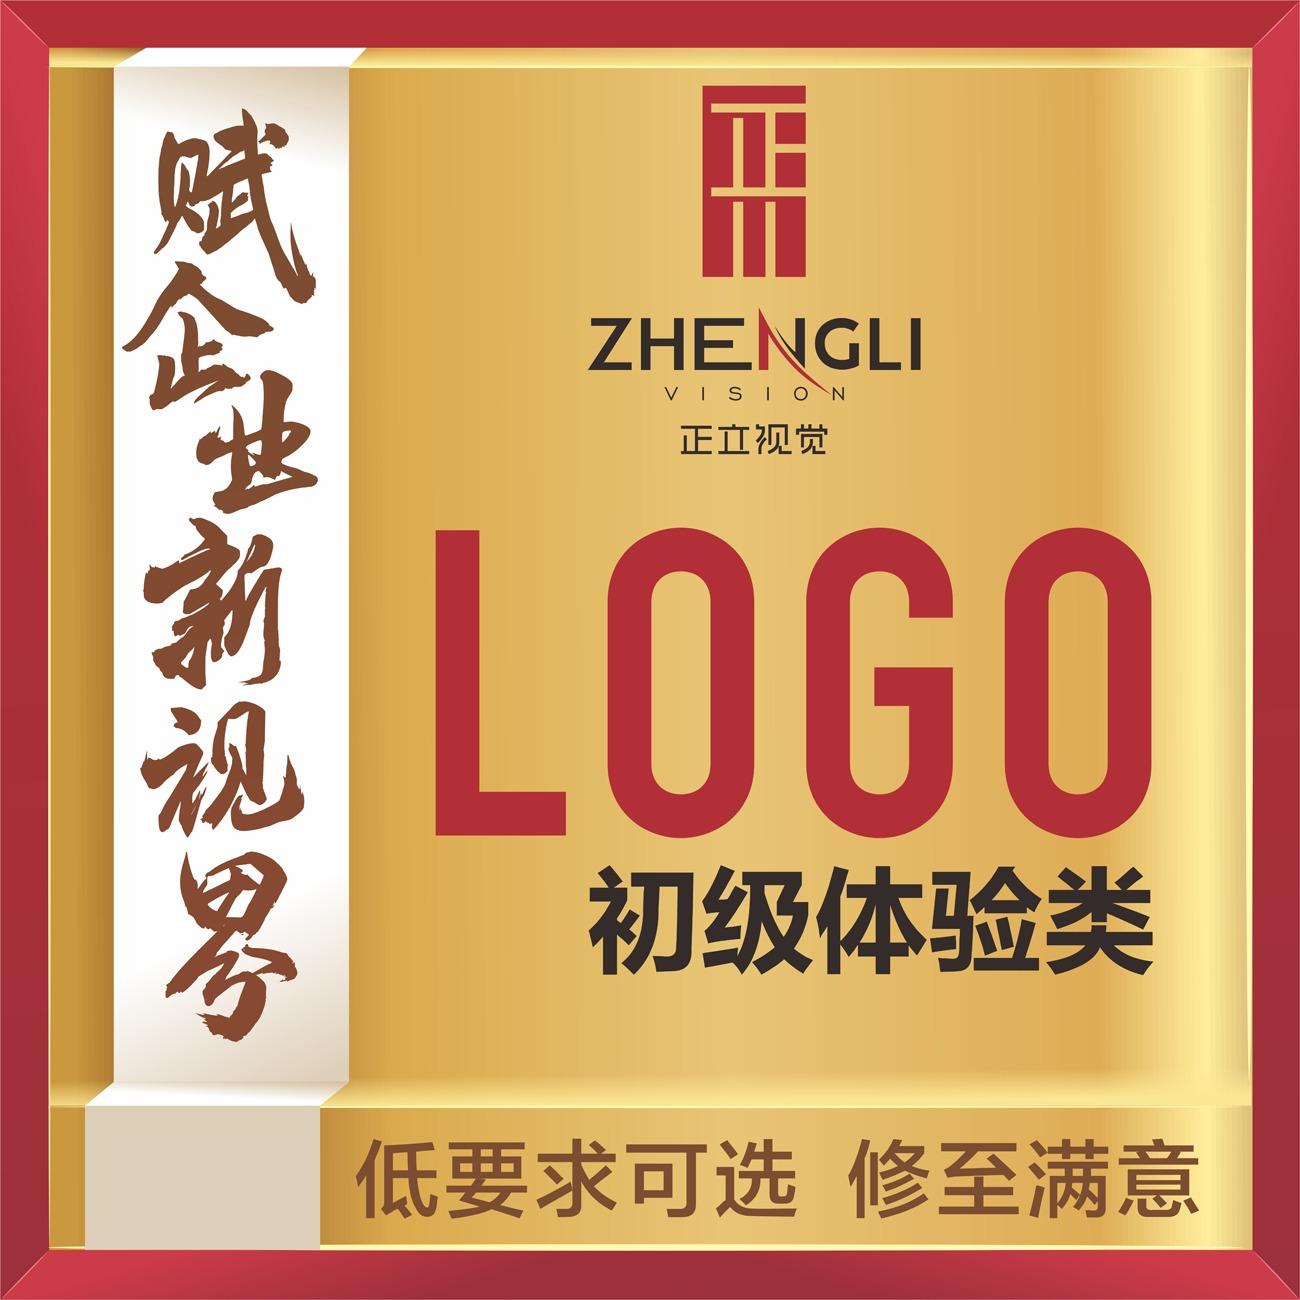 正立产品贴标图文logo图形标志原创标识 字体设计表情包设计